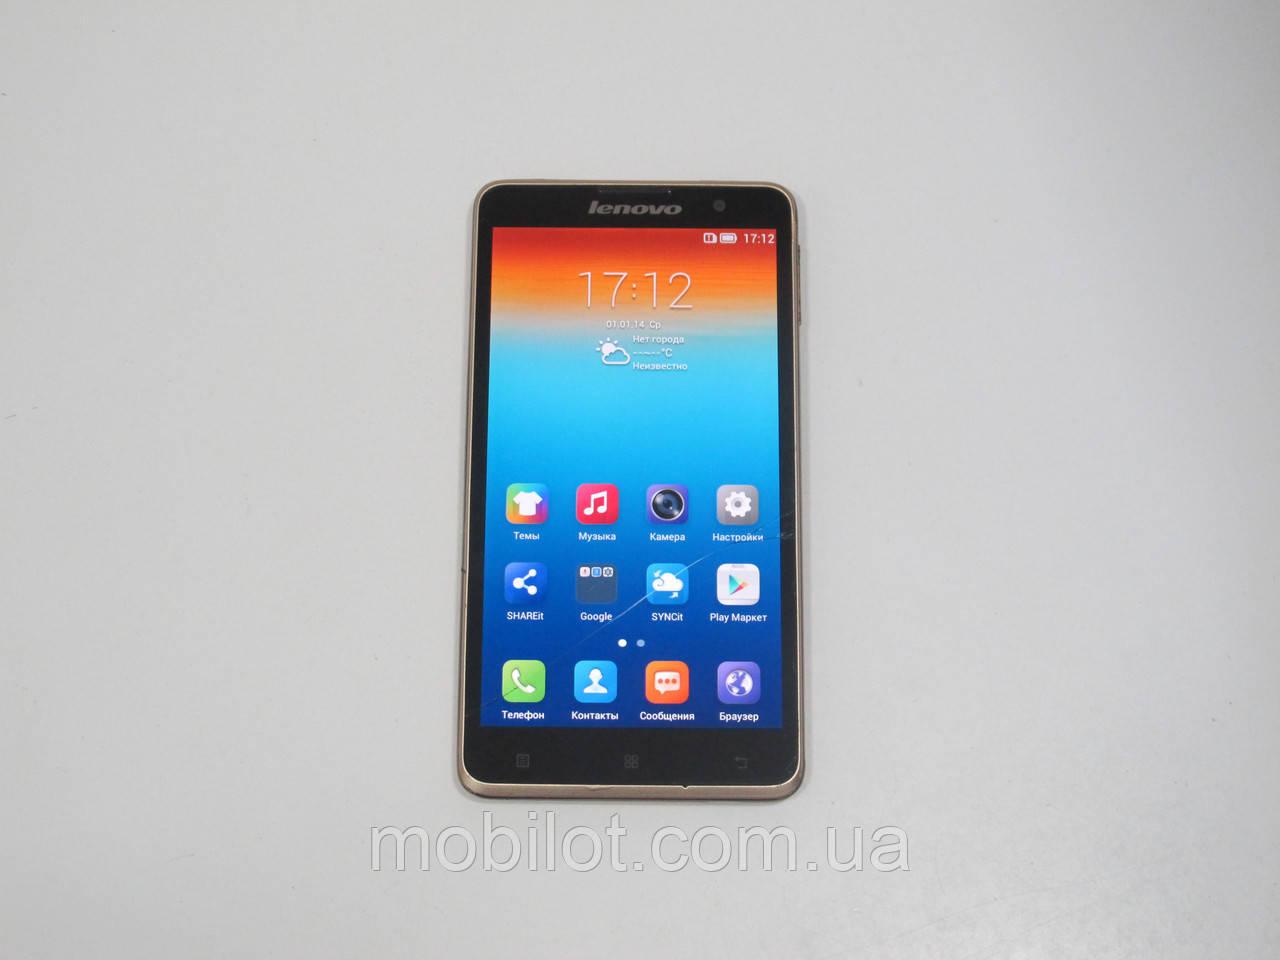 5fd854b6a1b3d Мобильный телефон Lenovo S8 S898+ Gold (TZ-5791) - интернет-магазин Mobilot